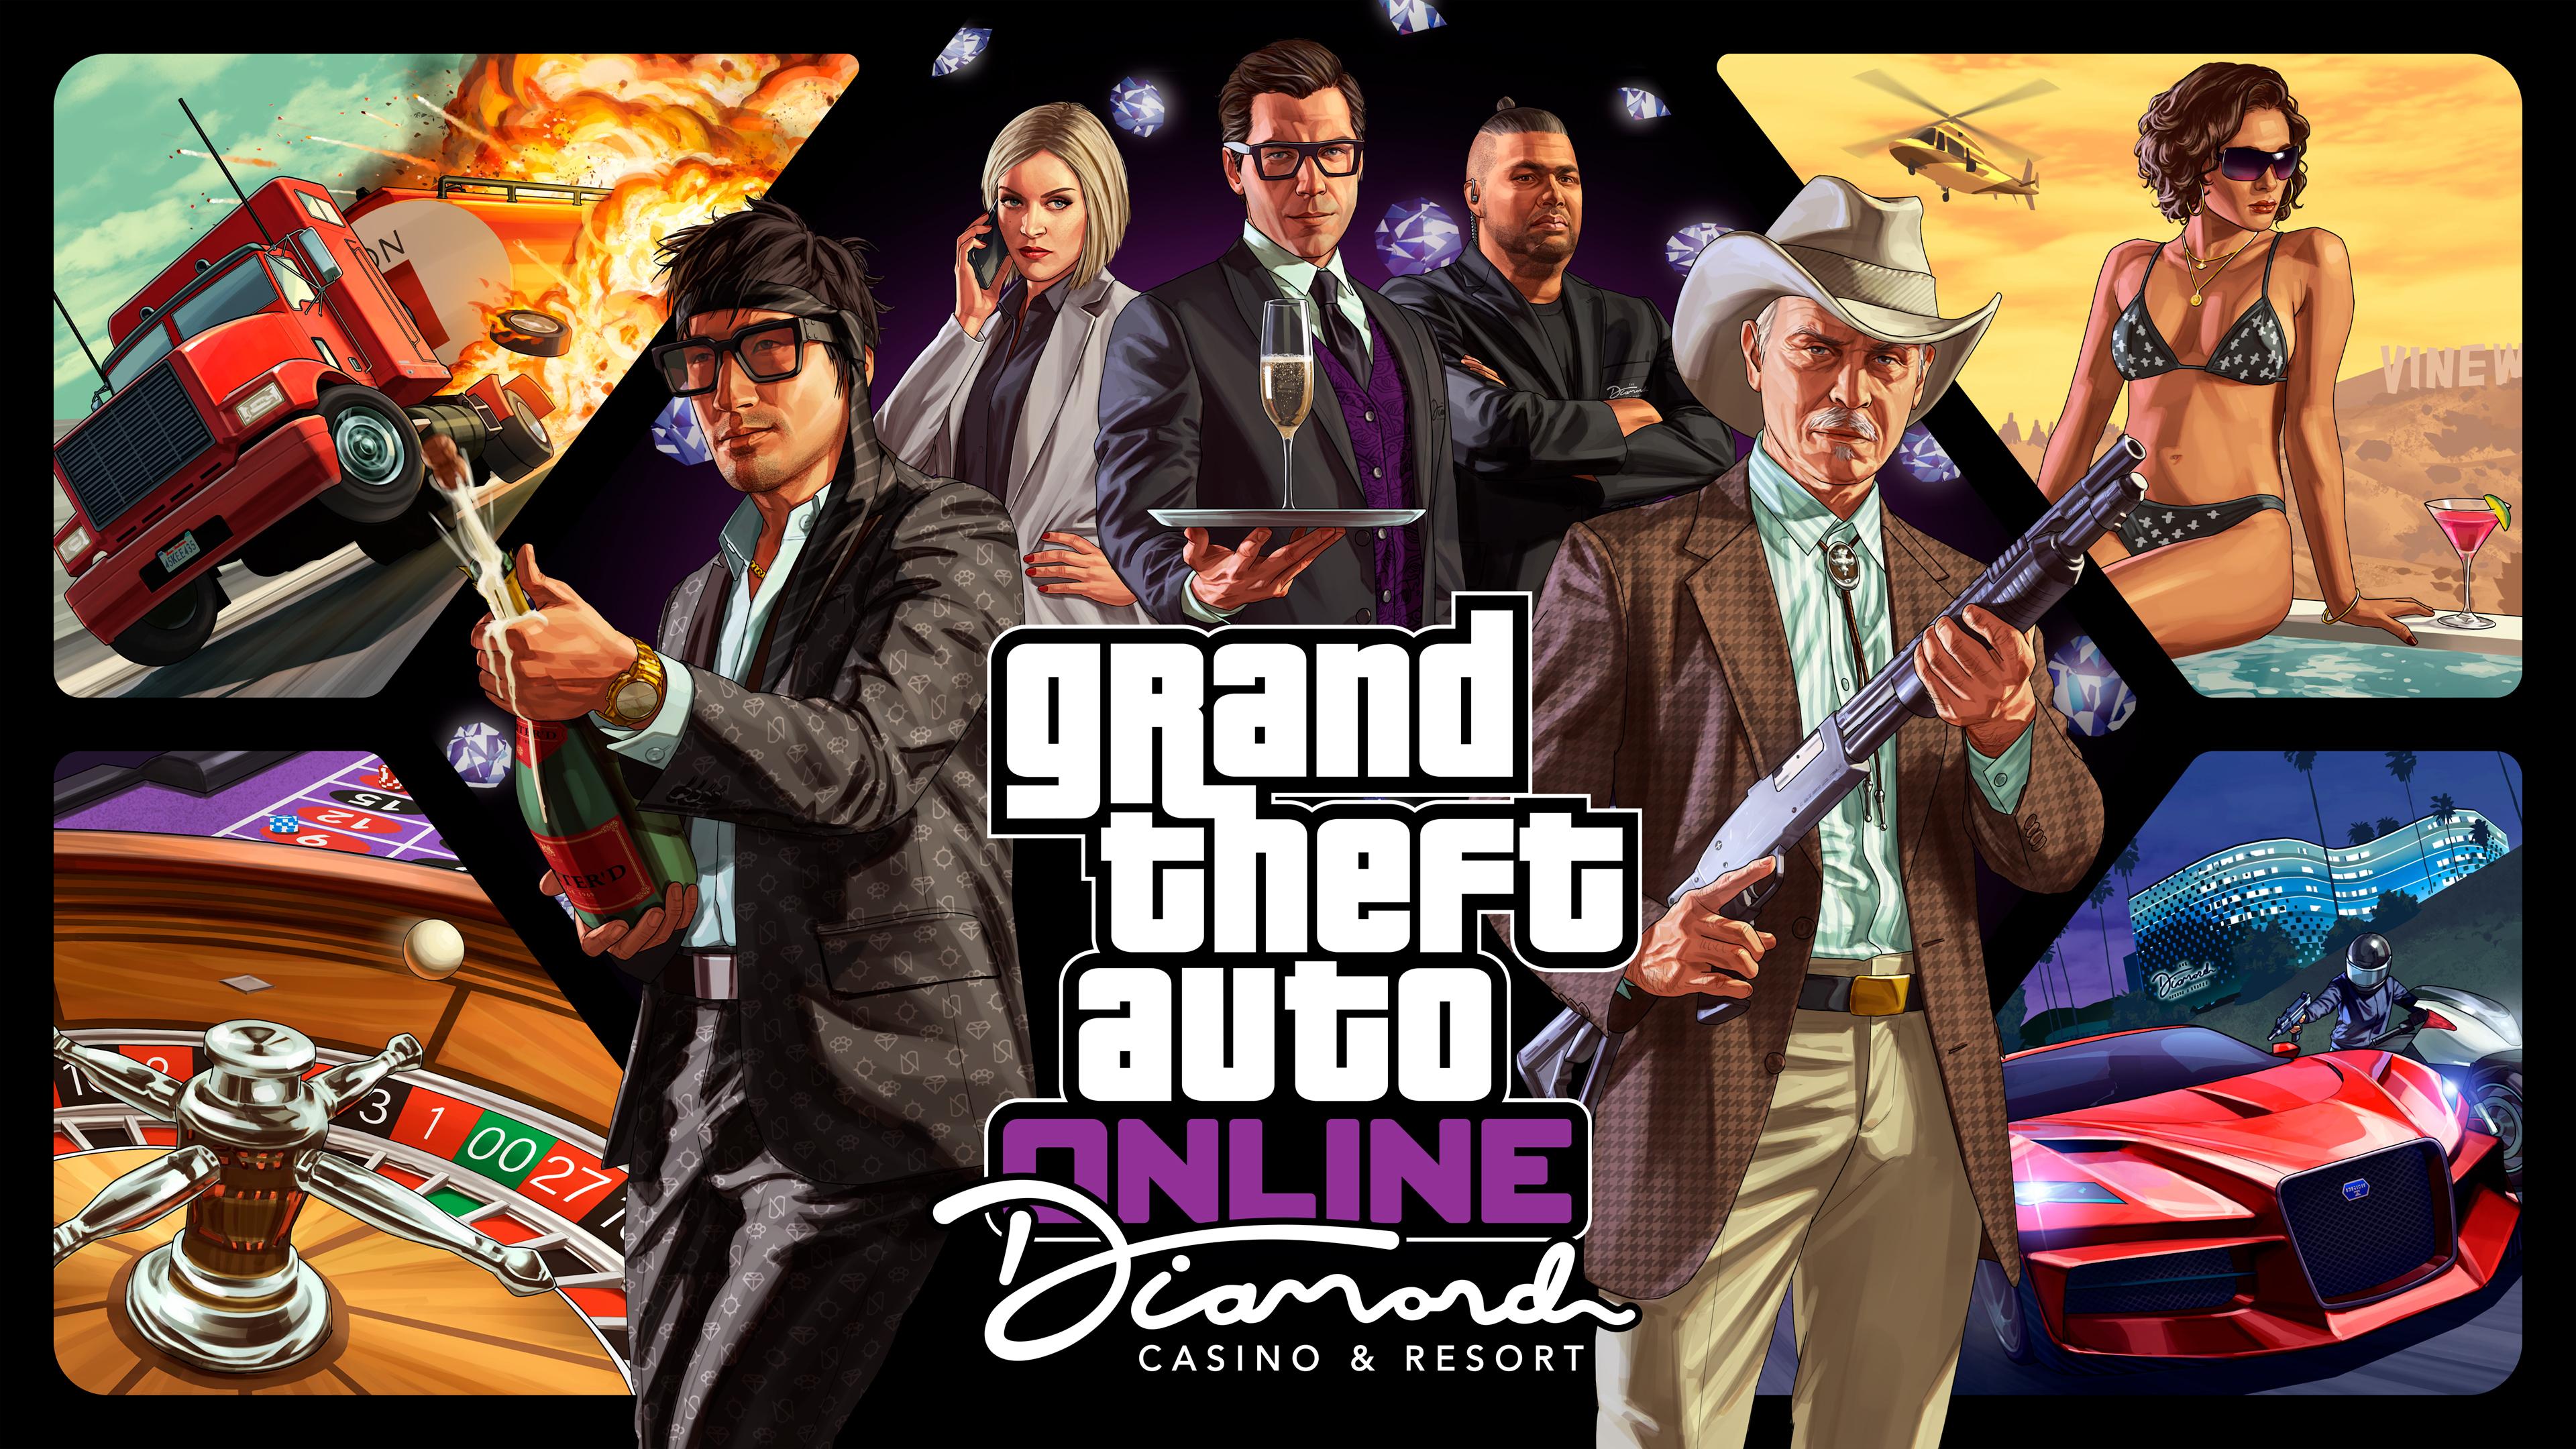 ダイヤモンドカジノ リゾート Grand Theft Auto V グランドセフト